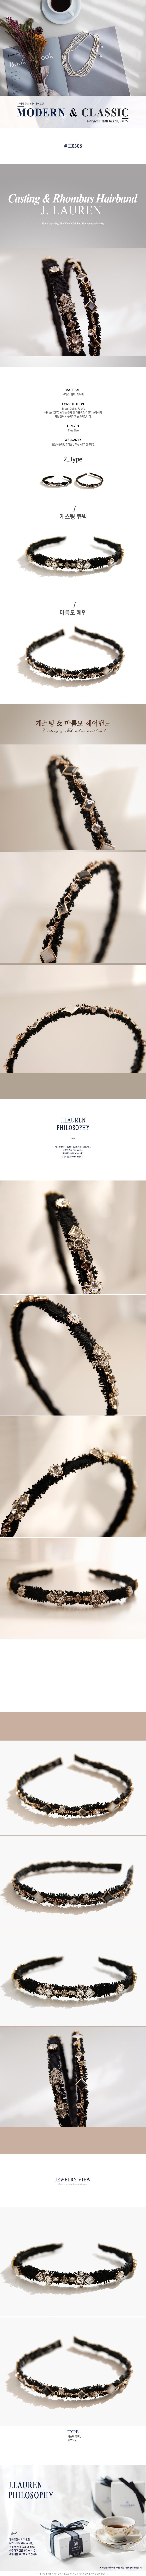 제이로렌 H0308 엔틱 캐스팅 마름모 패브릭 헤어밴드 - 바이데이지, 28,000원, 헤어핀/밴드/끈, 헤어밴드